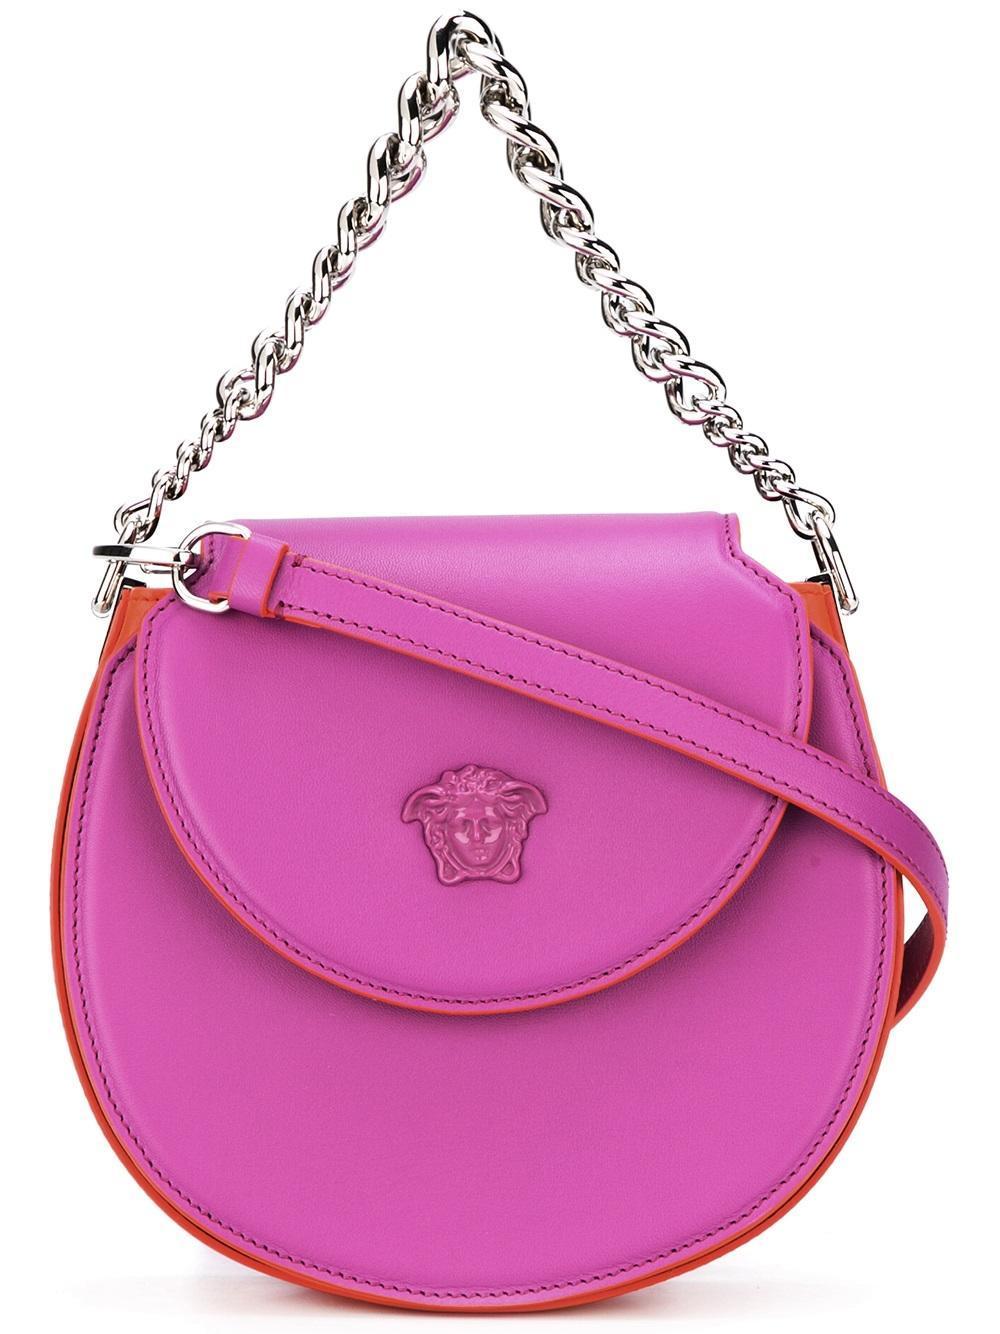 Versace DV mini bag - Pink & Purple KQjhj